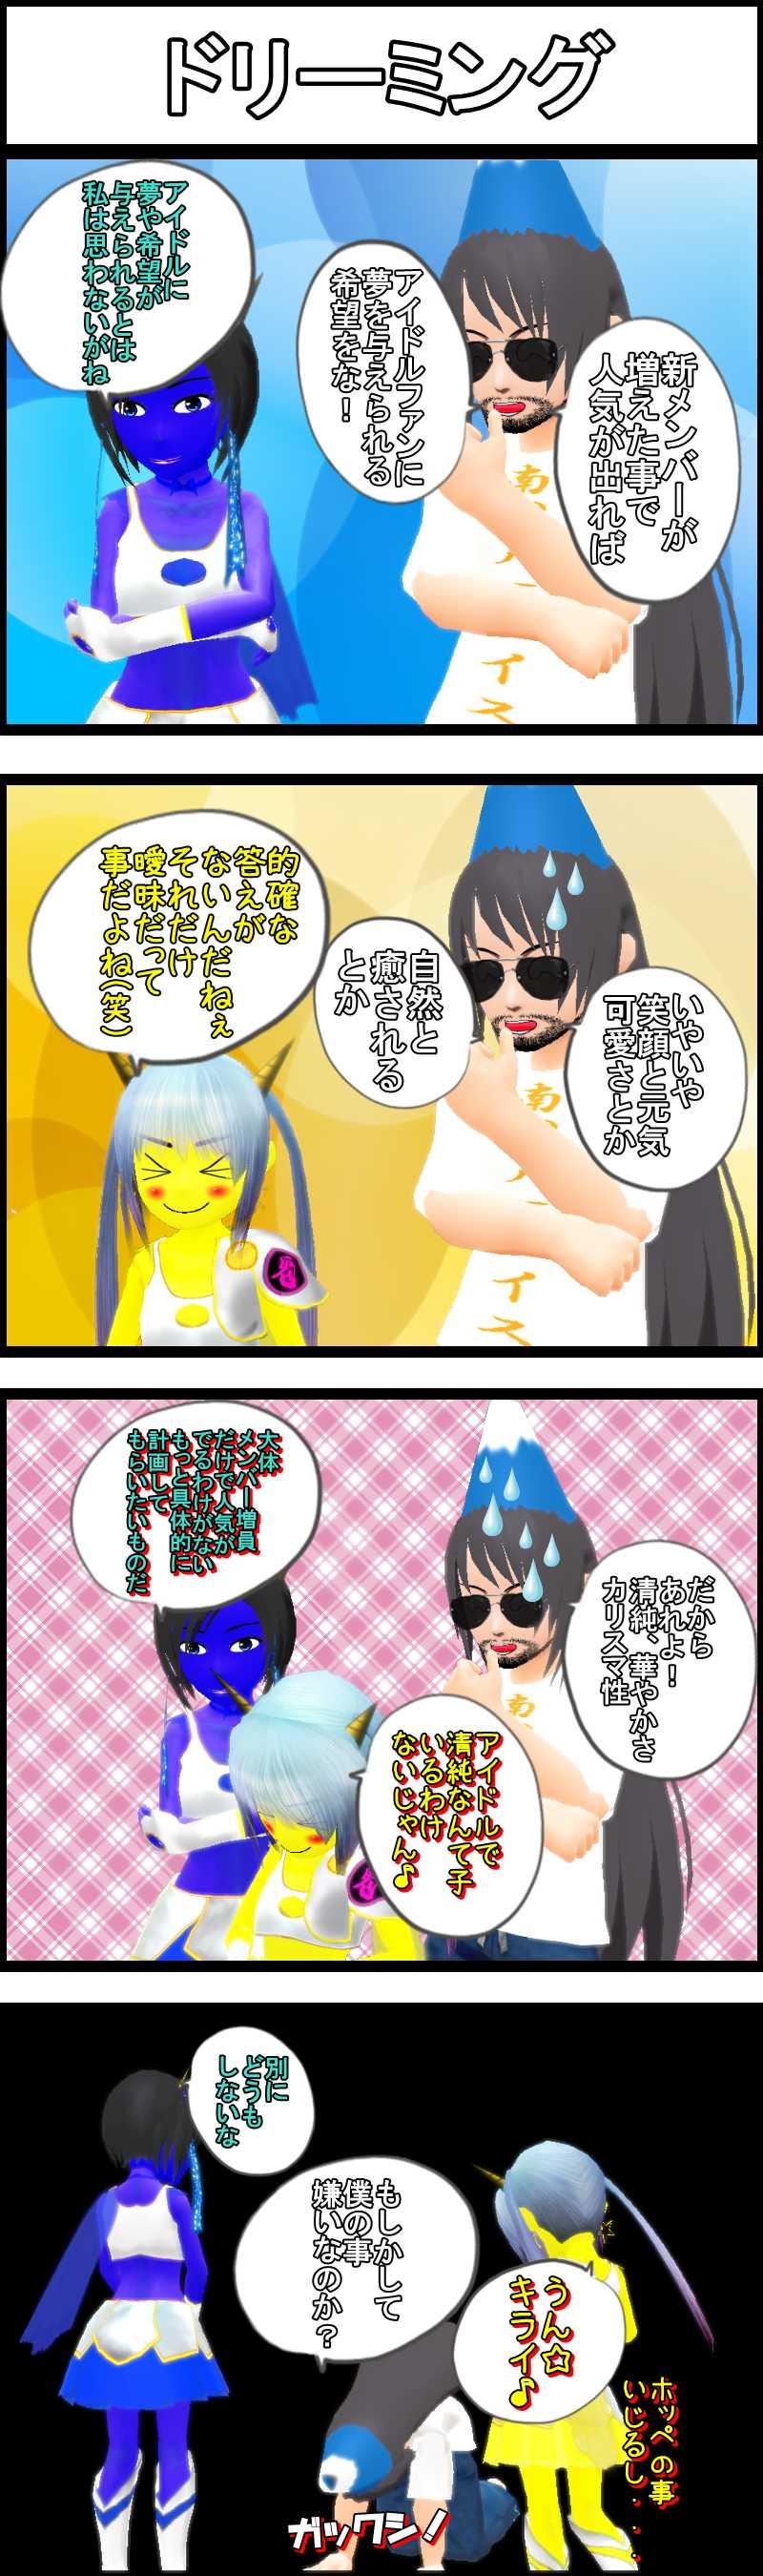 第二話「華やかお嬢様妖精カレン&静岡みかん侍みかん」